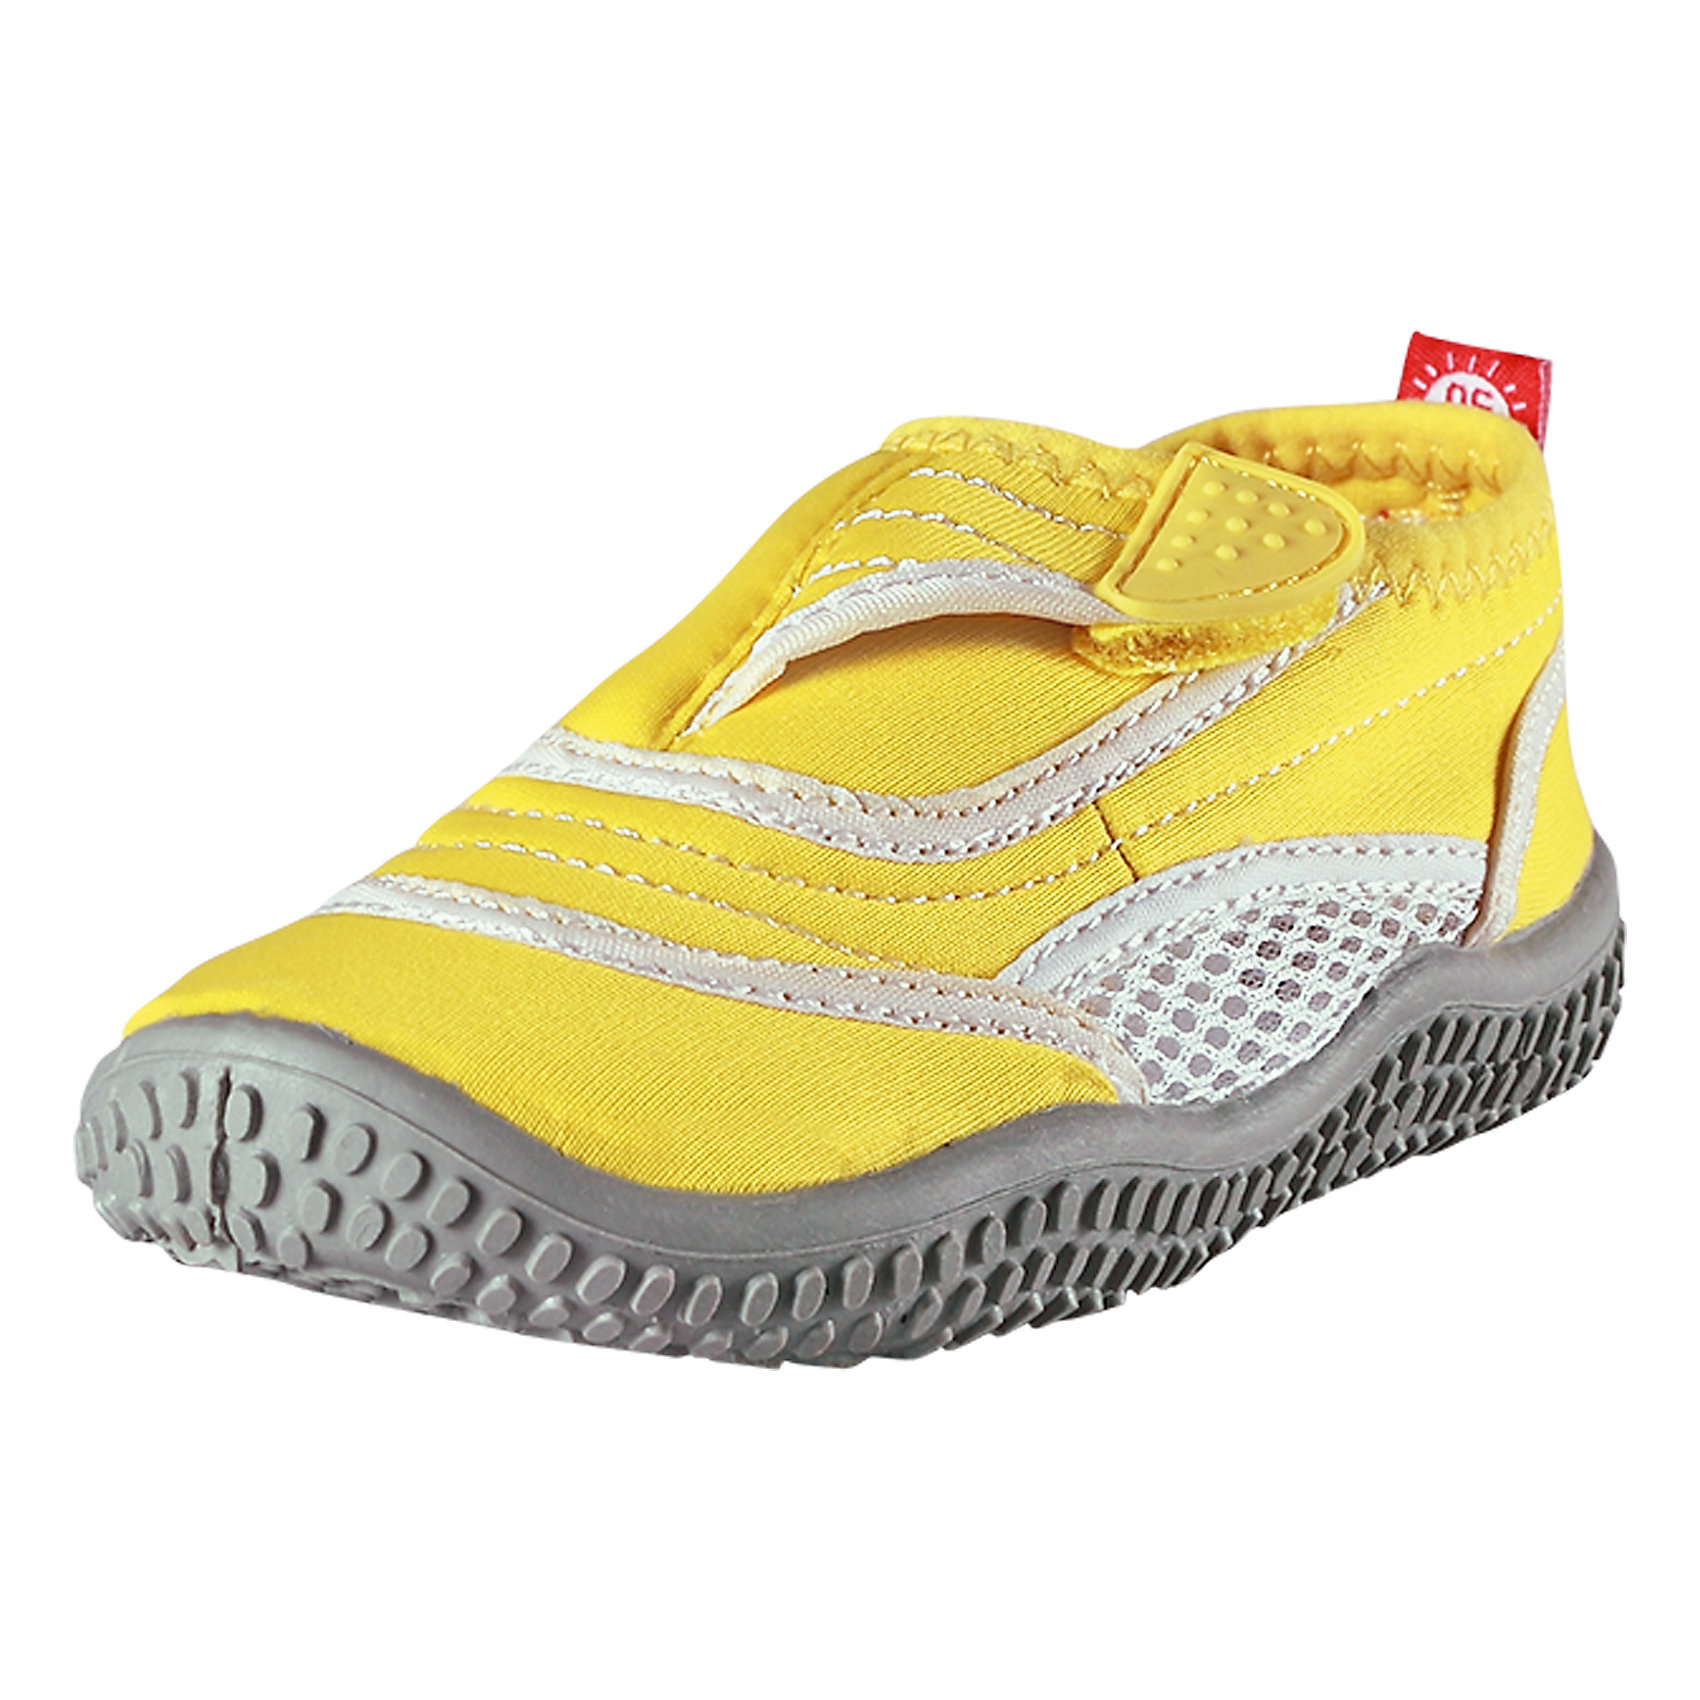 Коралловые тапочки Aqua для плавания ReimaПляжная обувь<br>Характеристики товара:<br><br>• цвет: желтый<br>• состав: верх - ПЭ, подошва - термопластичная резина<br>• застежка: липучка<br>• устойчивая легкая подошва ЭВА<br>• модель из солнцезащитного материала SunProof<br>• съемные стельки с рисунком Happy Fit, помогающие определить размер<br>• фактор защиты от ультрафиолета: 50+<br>• хорошее сцепление с поверхностью<br>• можно стирать в машине при температуре 30 °C<br>• страна производства: Китай<br>• страна бренда: Финляндия<br>• коллекция: весна-лето 2017<br><br>Детская обувь может быть модной и комфортной одновременно! Удобные стильные сандали для плавания помогут обеспечить ребенку комфорт и дополнить наряд. Они отлично смотрятся с различной одеждой. Сандали для плавания удобно сидят на ноге и аккуратно смотрятся. Легко чистятся и долго служат. Продуманная конструкция разрабатывалась специально для детей.<br><br>Одежда и обувь от финского бренда Reima пользуется популярностью во многих странах. Эти изделия стильные, качественные и удобные. Для производства продукции используются только безопасные, проверенные материалы и фурнитура. Порадуйте ребенка модными и красивыми вещами от Reima! <br><br>Сандали для плавания от финского бренда Reima (Рейма) можно купить в нашем интернет-магазине.<br><br>Ширина мм: 227<br>Глубина мм: 145<br>Высота мм: 124<br>Вес г: 325<br>Цвет: желтый<br>Возраст от месяцев: 96<br>Возраст до месяцев: 108<br>Пол: Унисекс<br>Возраст: Детский<br>Размер: 32,34,33,28,25,30,31,27,35,24,38,29,36,37,26<br>SKU: 5266981